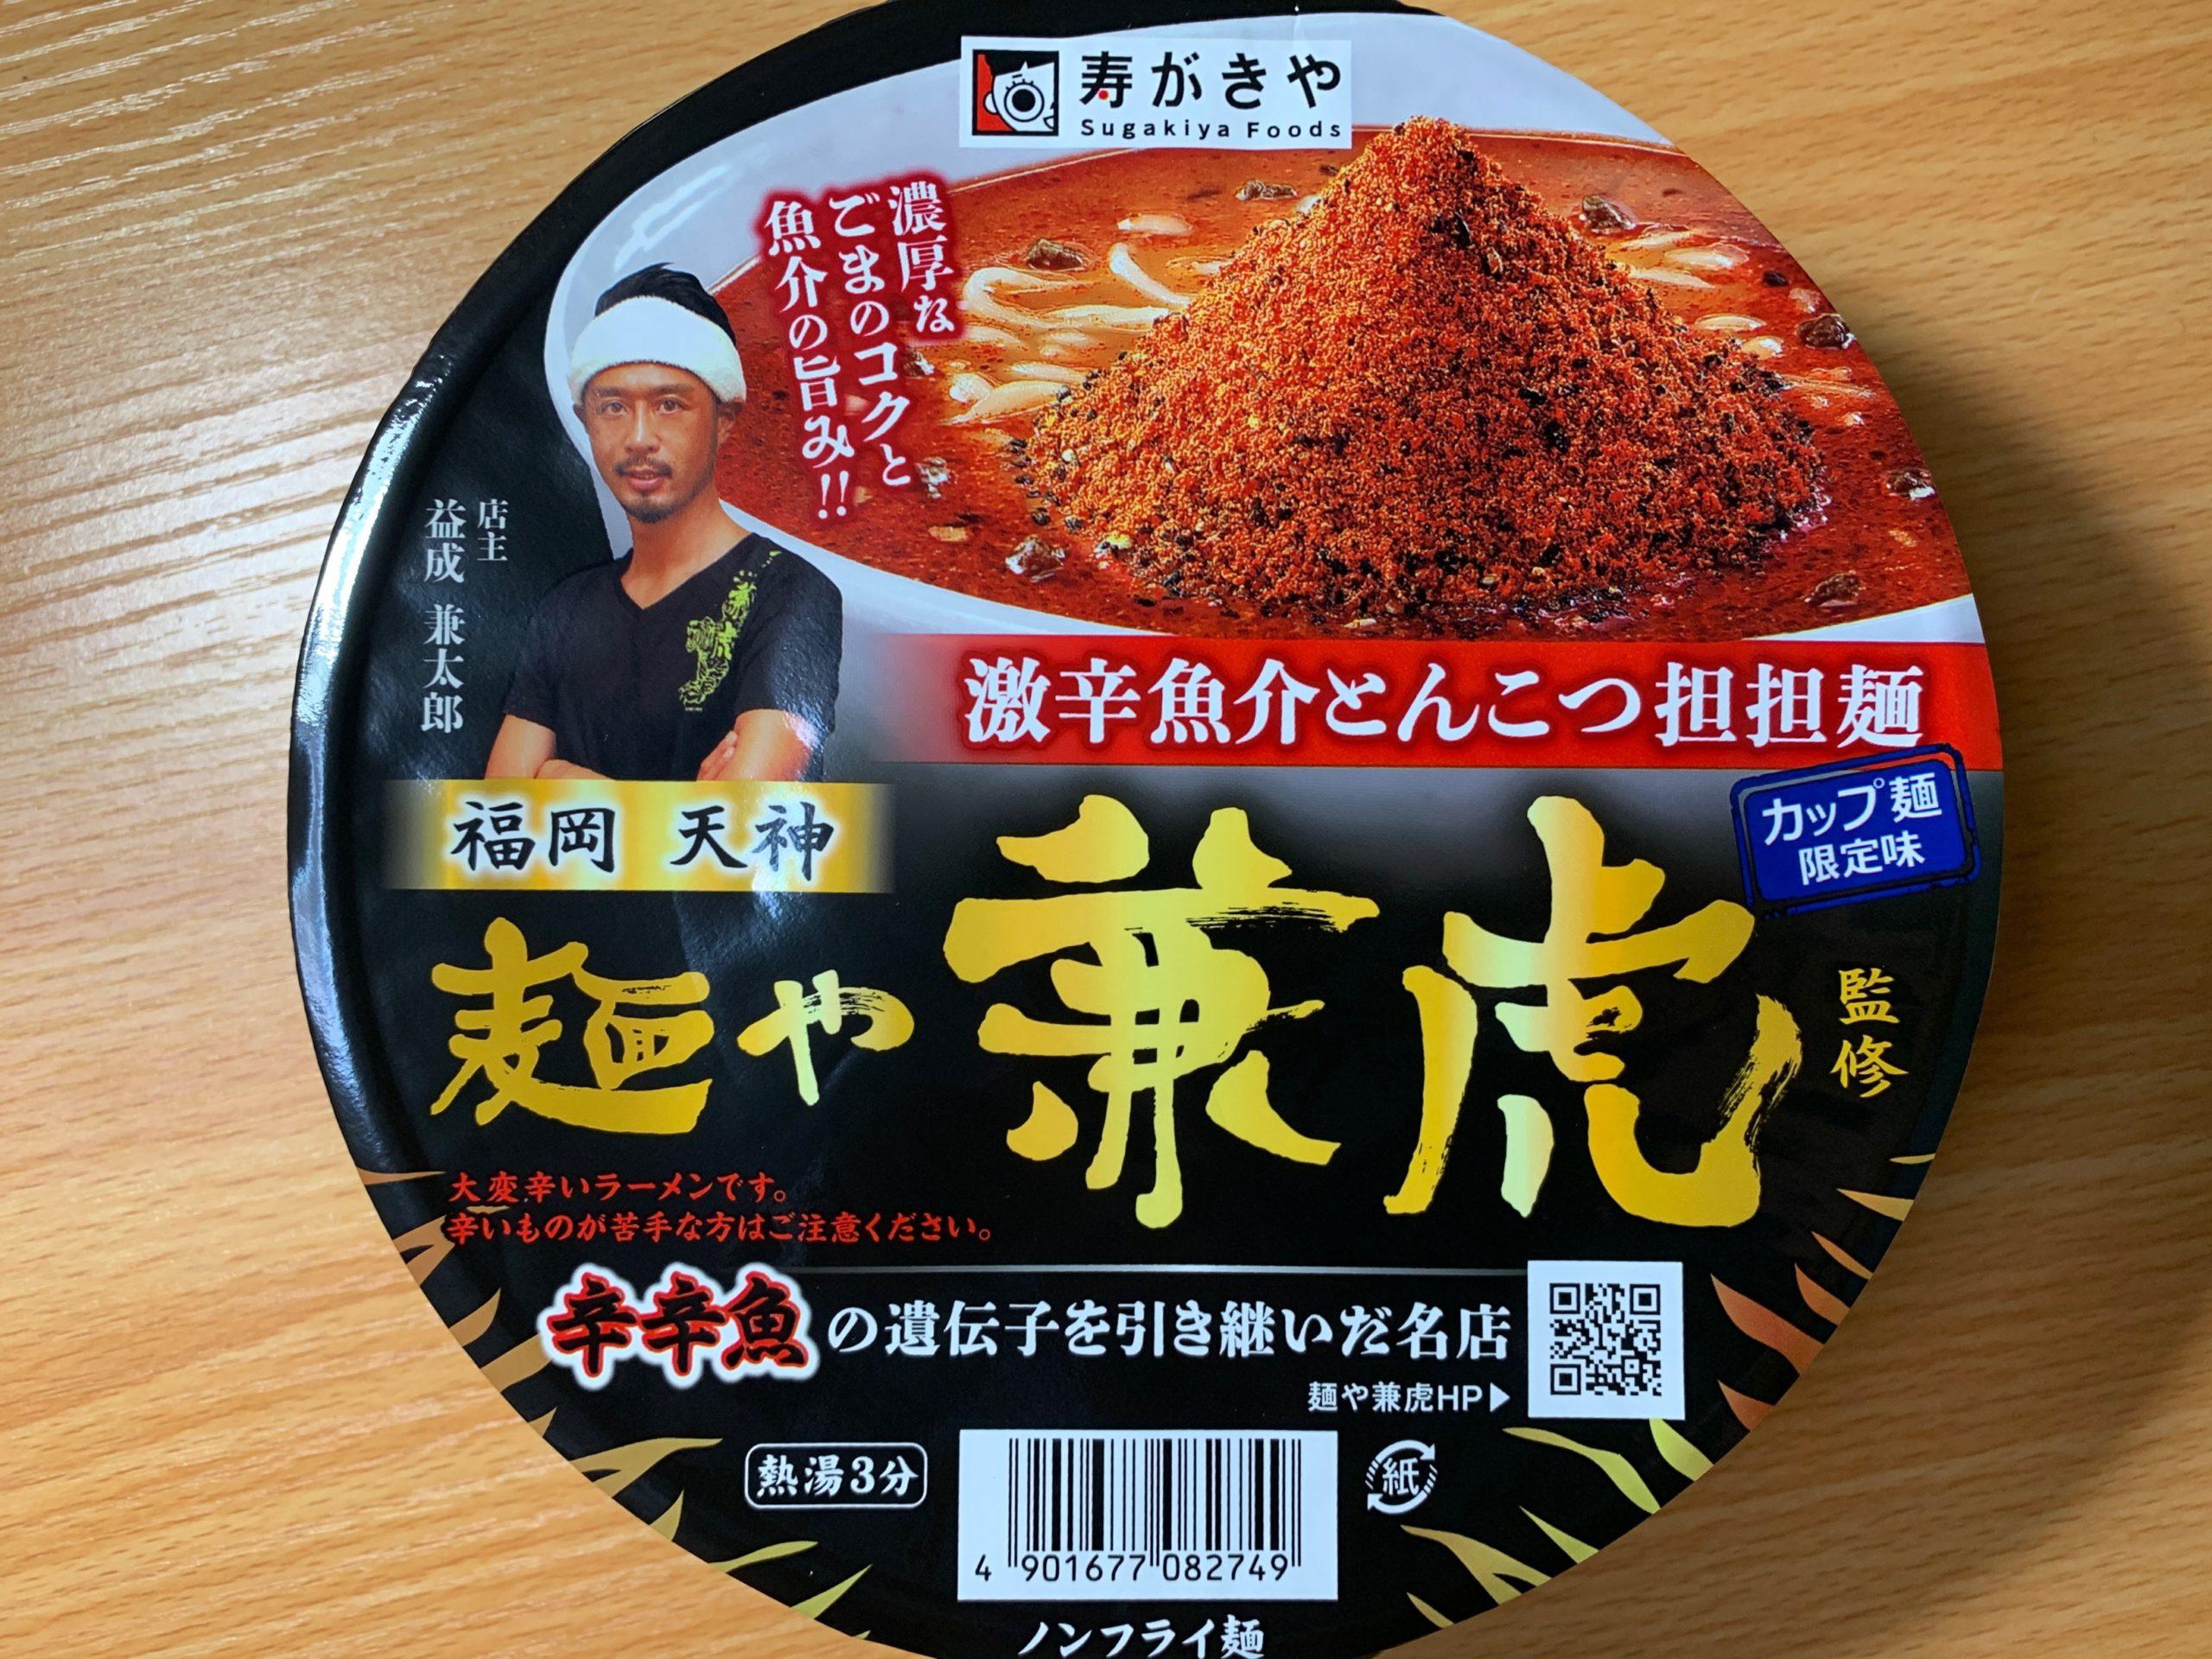 麺や兼虎カップ麺のパッケージ